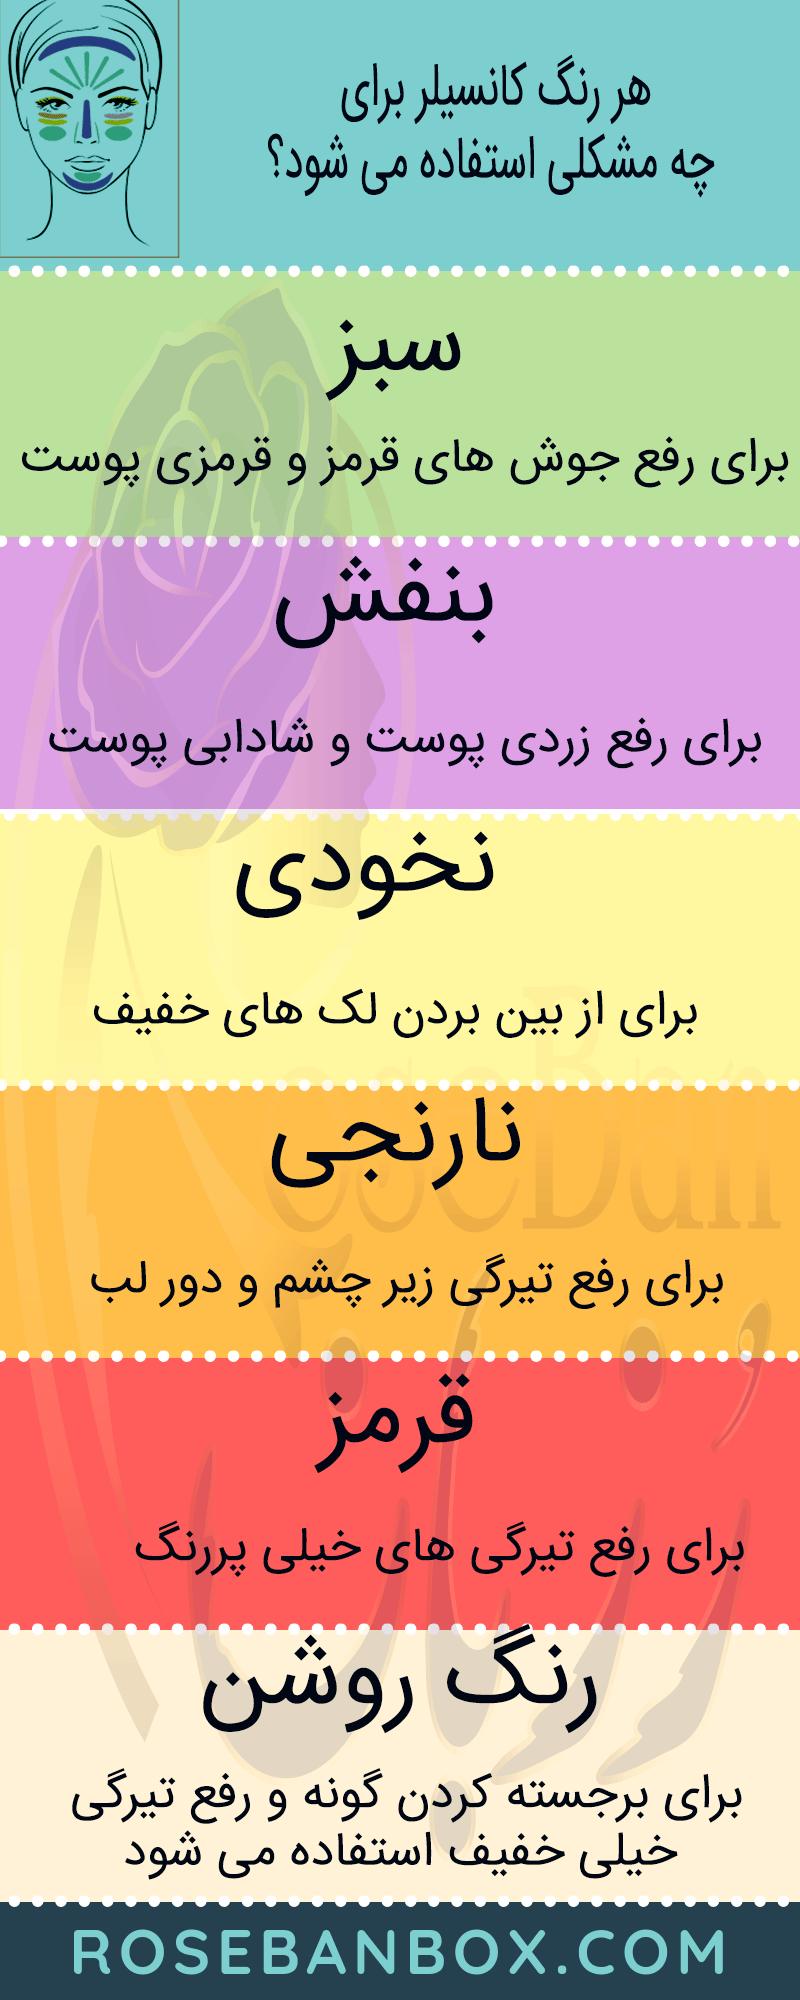 رنگ های مختلف کانسیلر